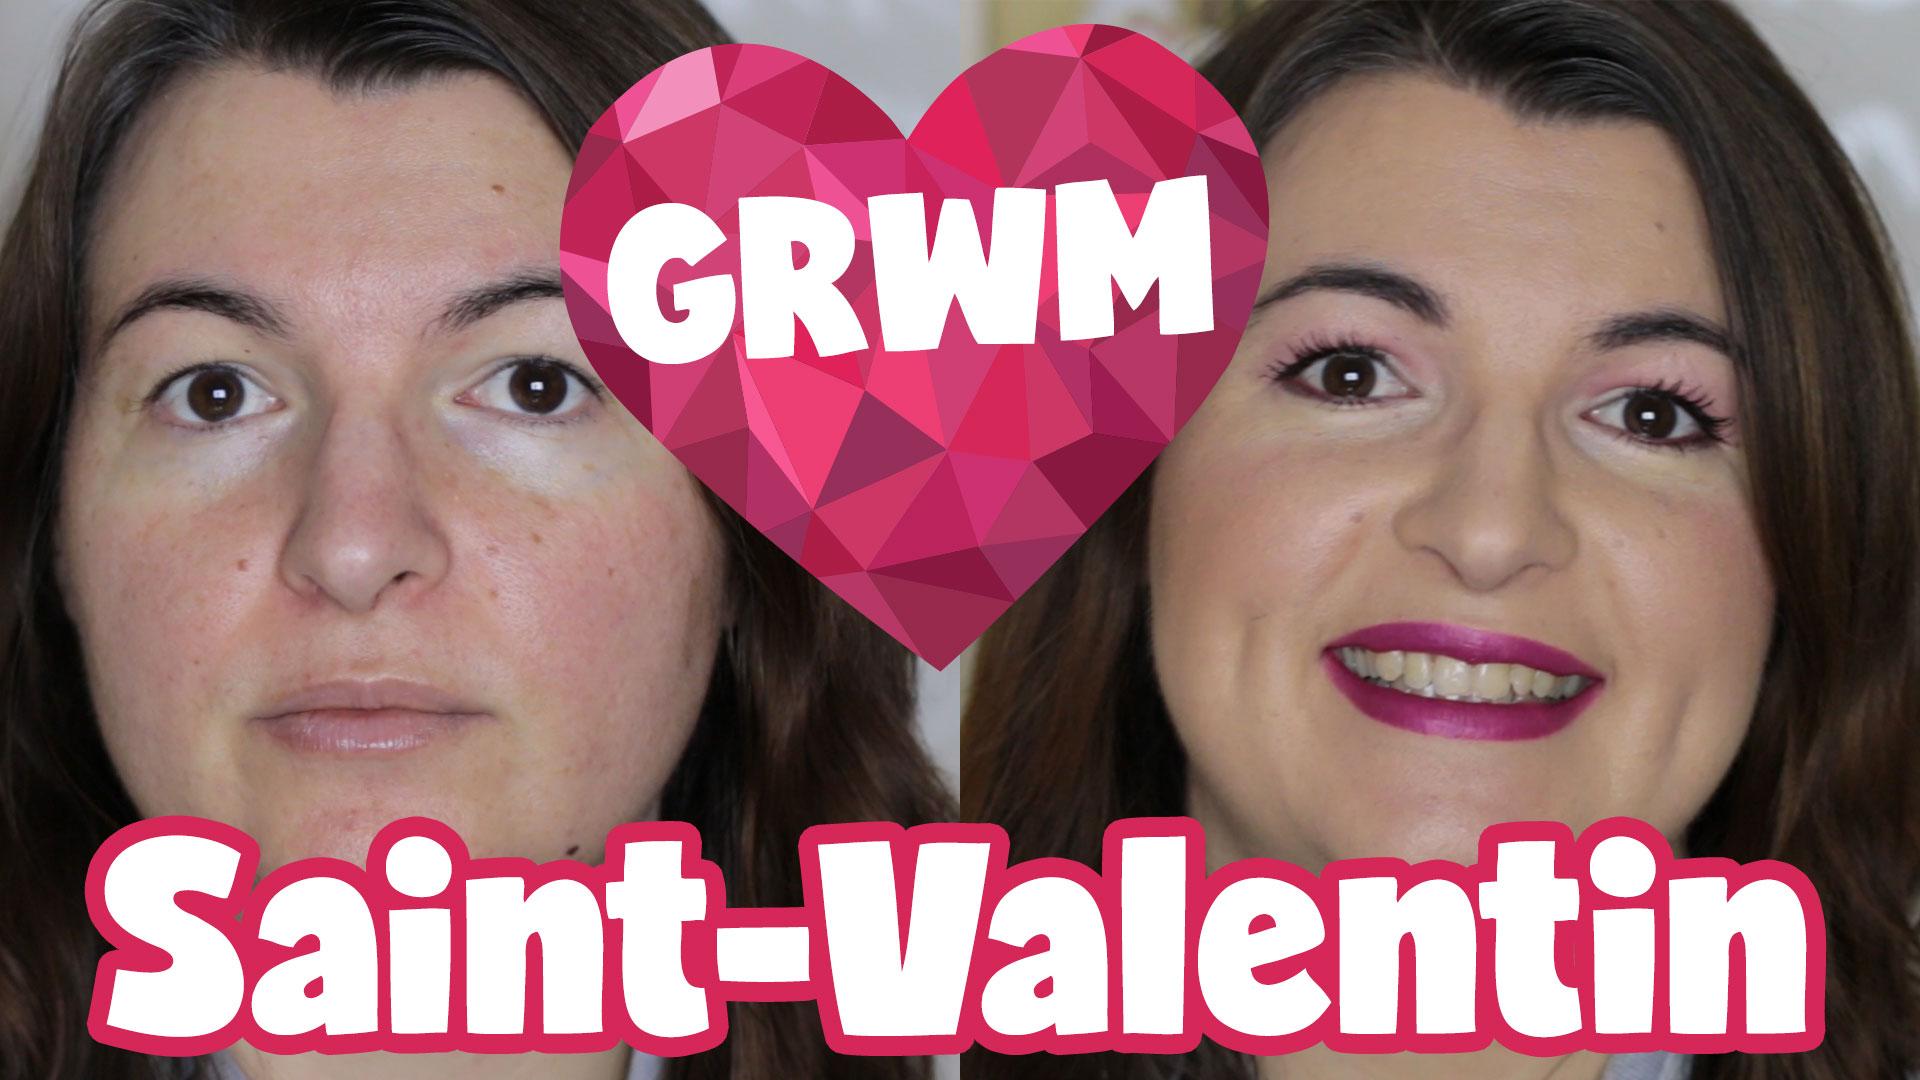 Grwm Saint Valentin Maquillage Paupi Res Tombantes Et Rougeurs Mon Grain De Folie